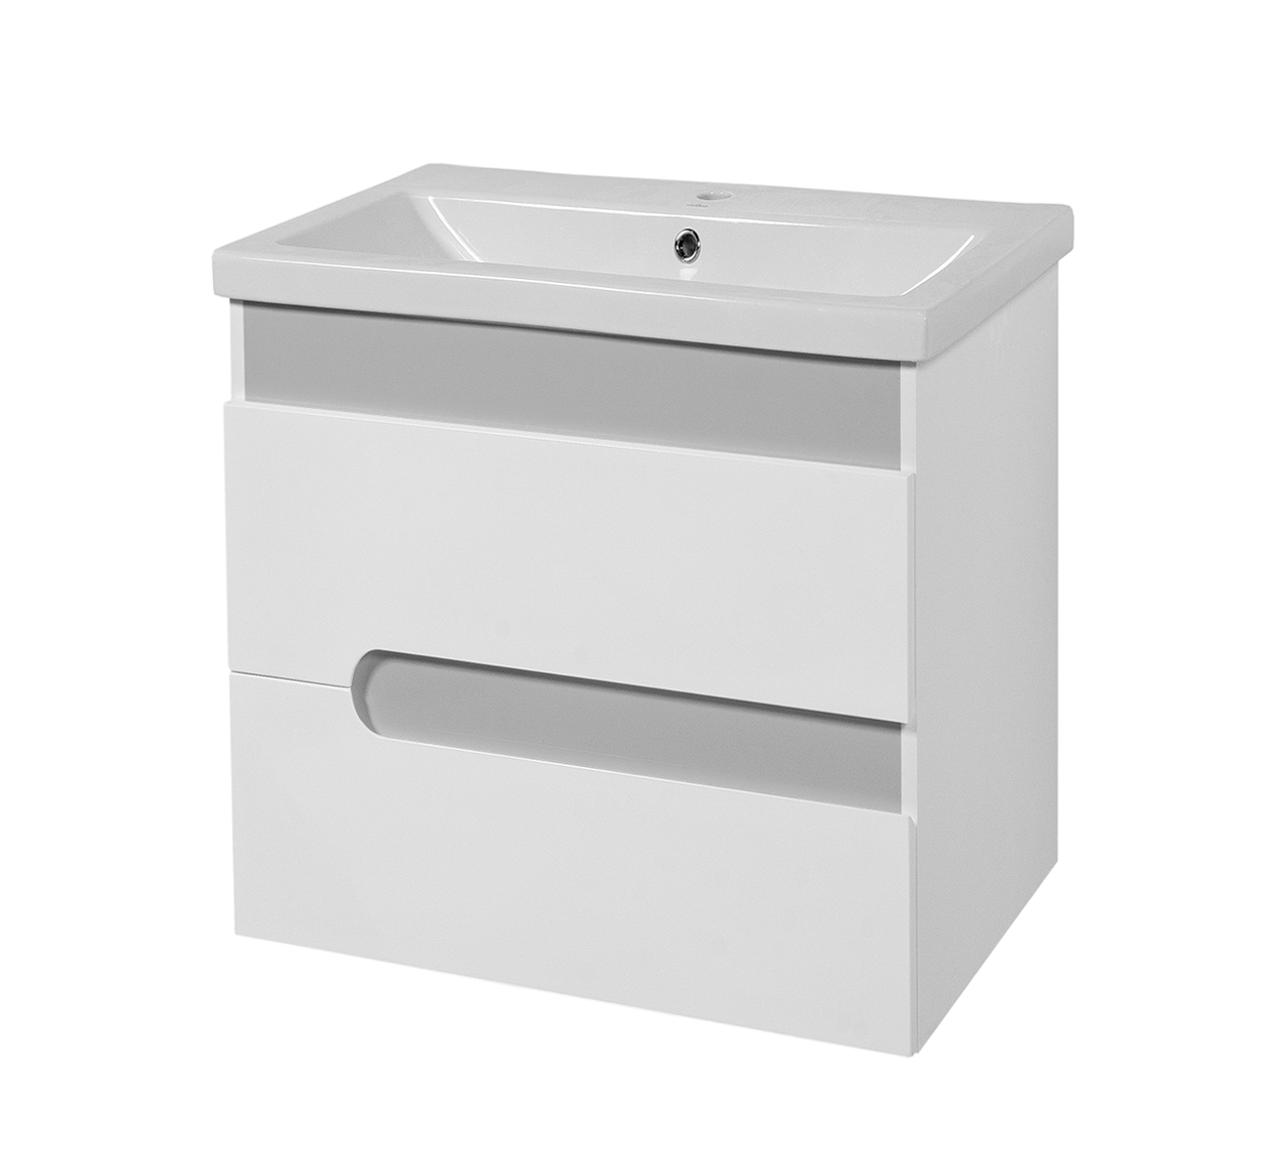 Тумба под раковину для ванной комнаты Симпл-Металлик 60-30 Подвесная с умывальником Комо 60 ПИК